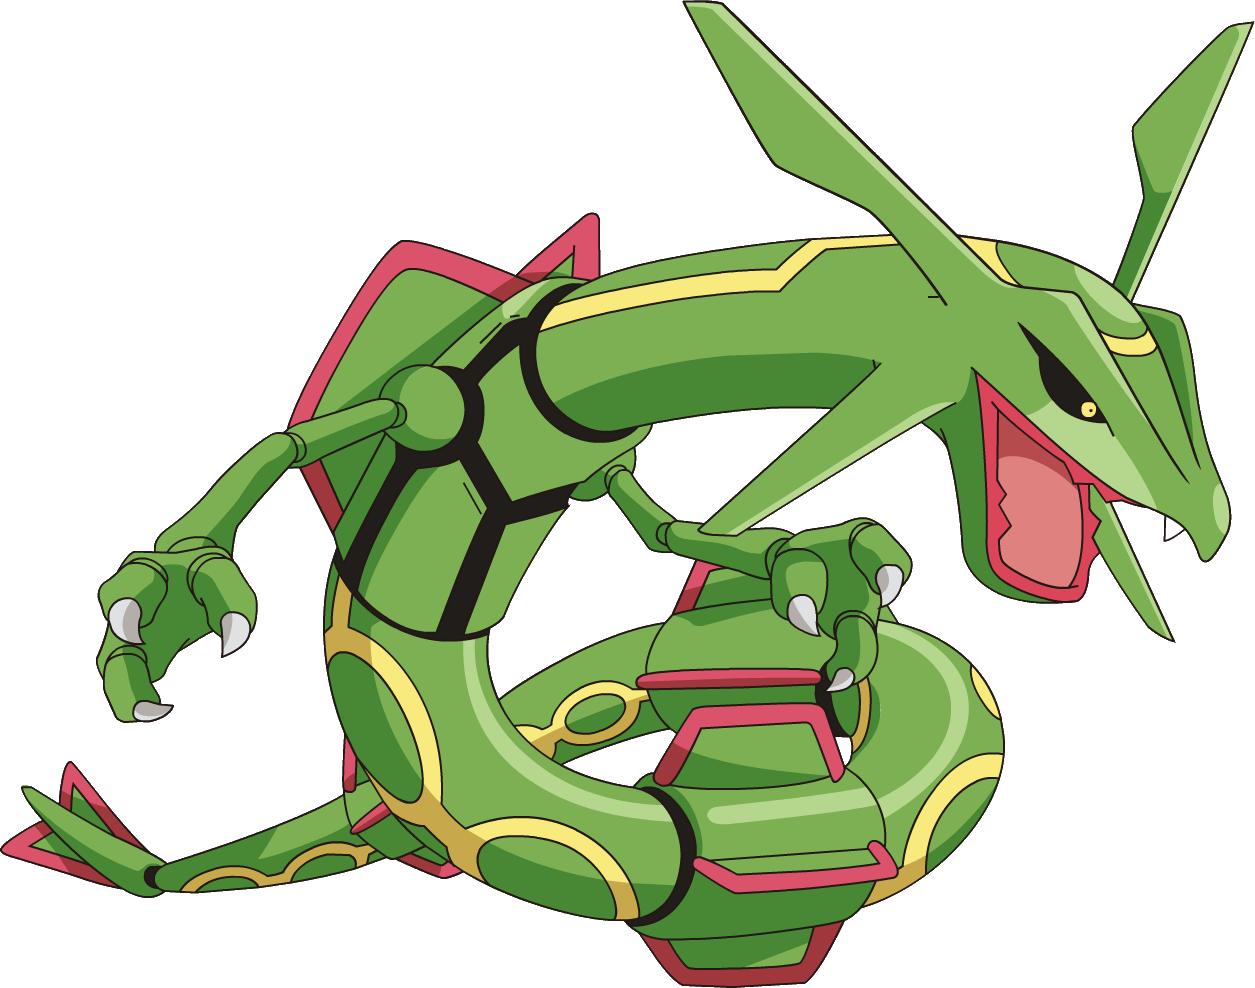 ポケモン oras wiki   7331 イラス